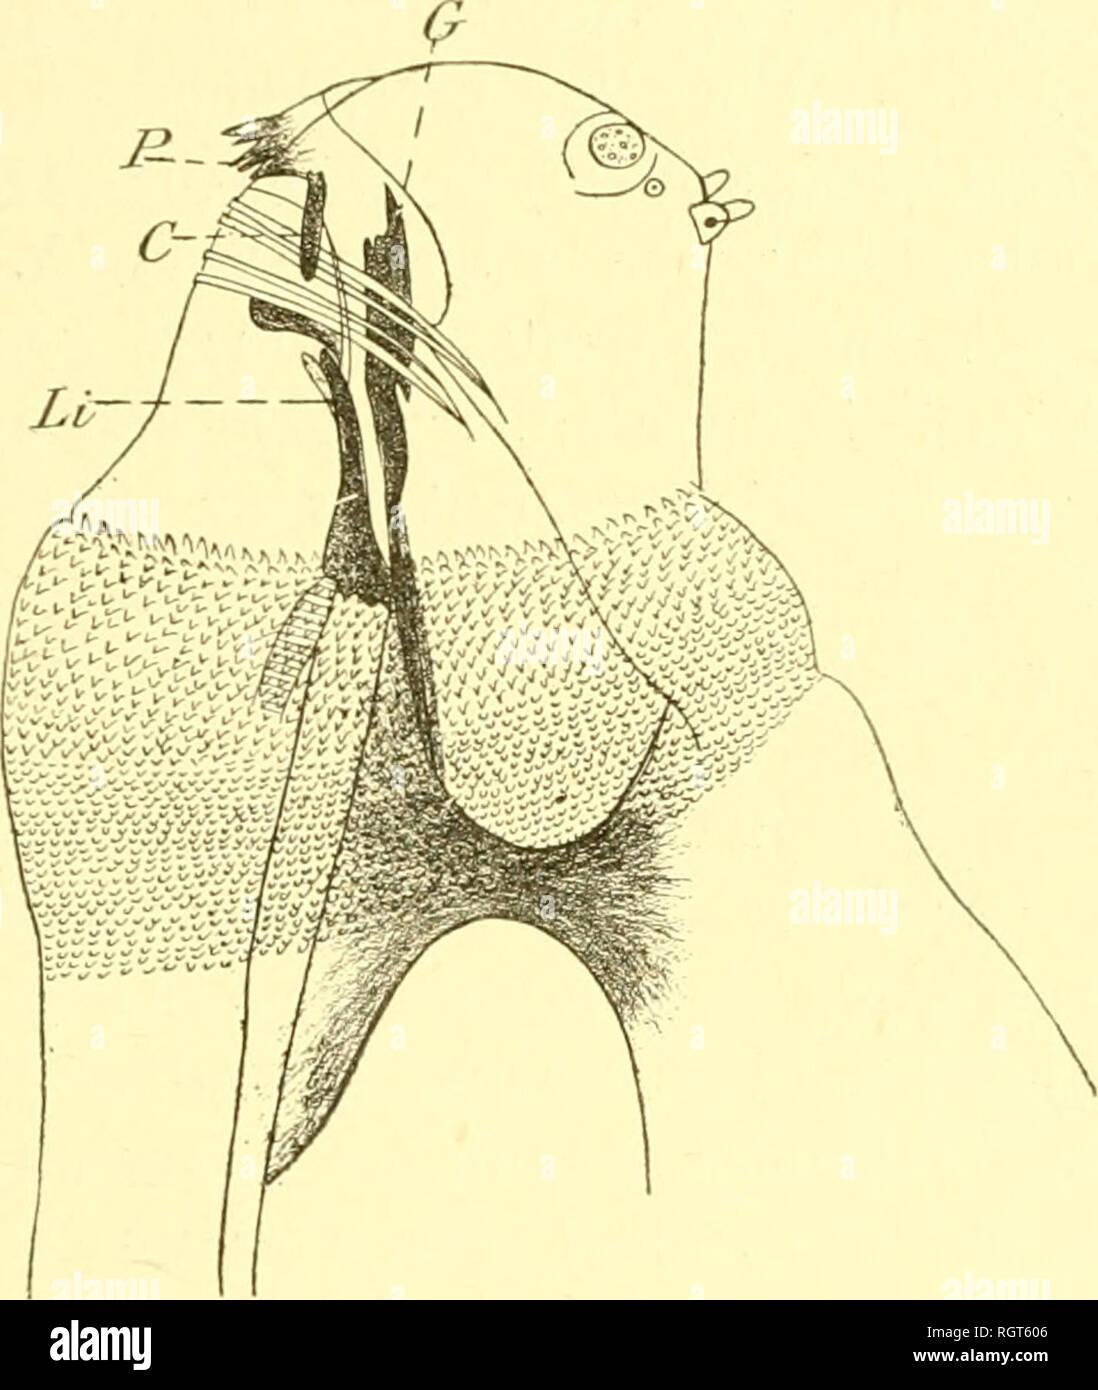 . Bulletin biologique de la France et de la Belgique. Biology; Natural history. I.AI;V1> I)K DII'l'KIiKs C^(â¢|.(U;1IAI'1IIâ > 147 extrémité. La tête présente, sur sa face ventrale, deux sillons parallèles et une série de crochets et d'écaillés. Ca//i/)/iora cri/tln-Dcephala (tij^;. XVI). â L'armature hucco- pharyngienne est du tvpe de Musca. Le crochet médian dorsal [G) est hien visible, la pièce médio-ventrale (L^) est comme chez Musca. (7»n voit ici, en plus, dcnK pièces latérales (C) qui aboutis-. Fig. XVI. â Tète et annaliire bucco-pharviiglenne de la larve pri;naire  Stock Photo